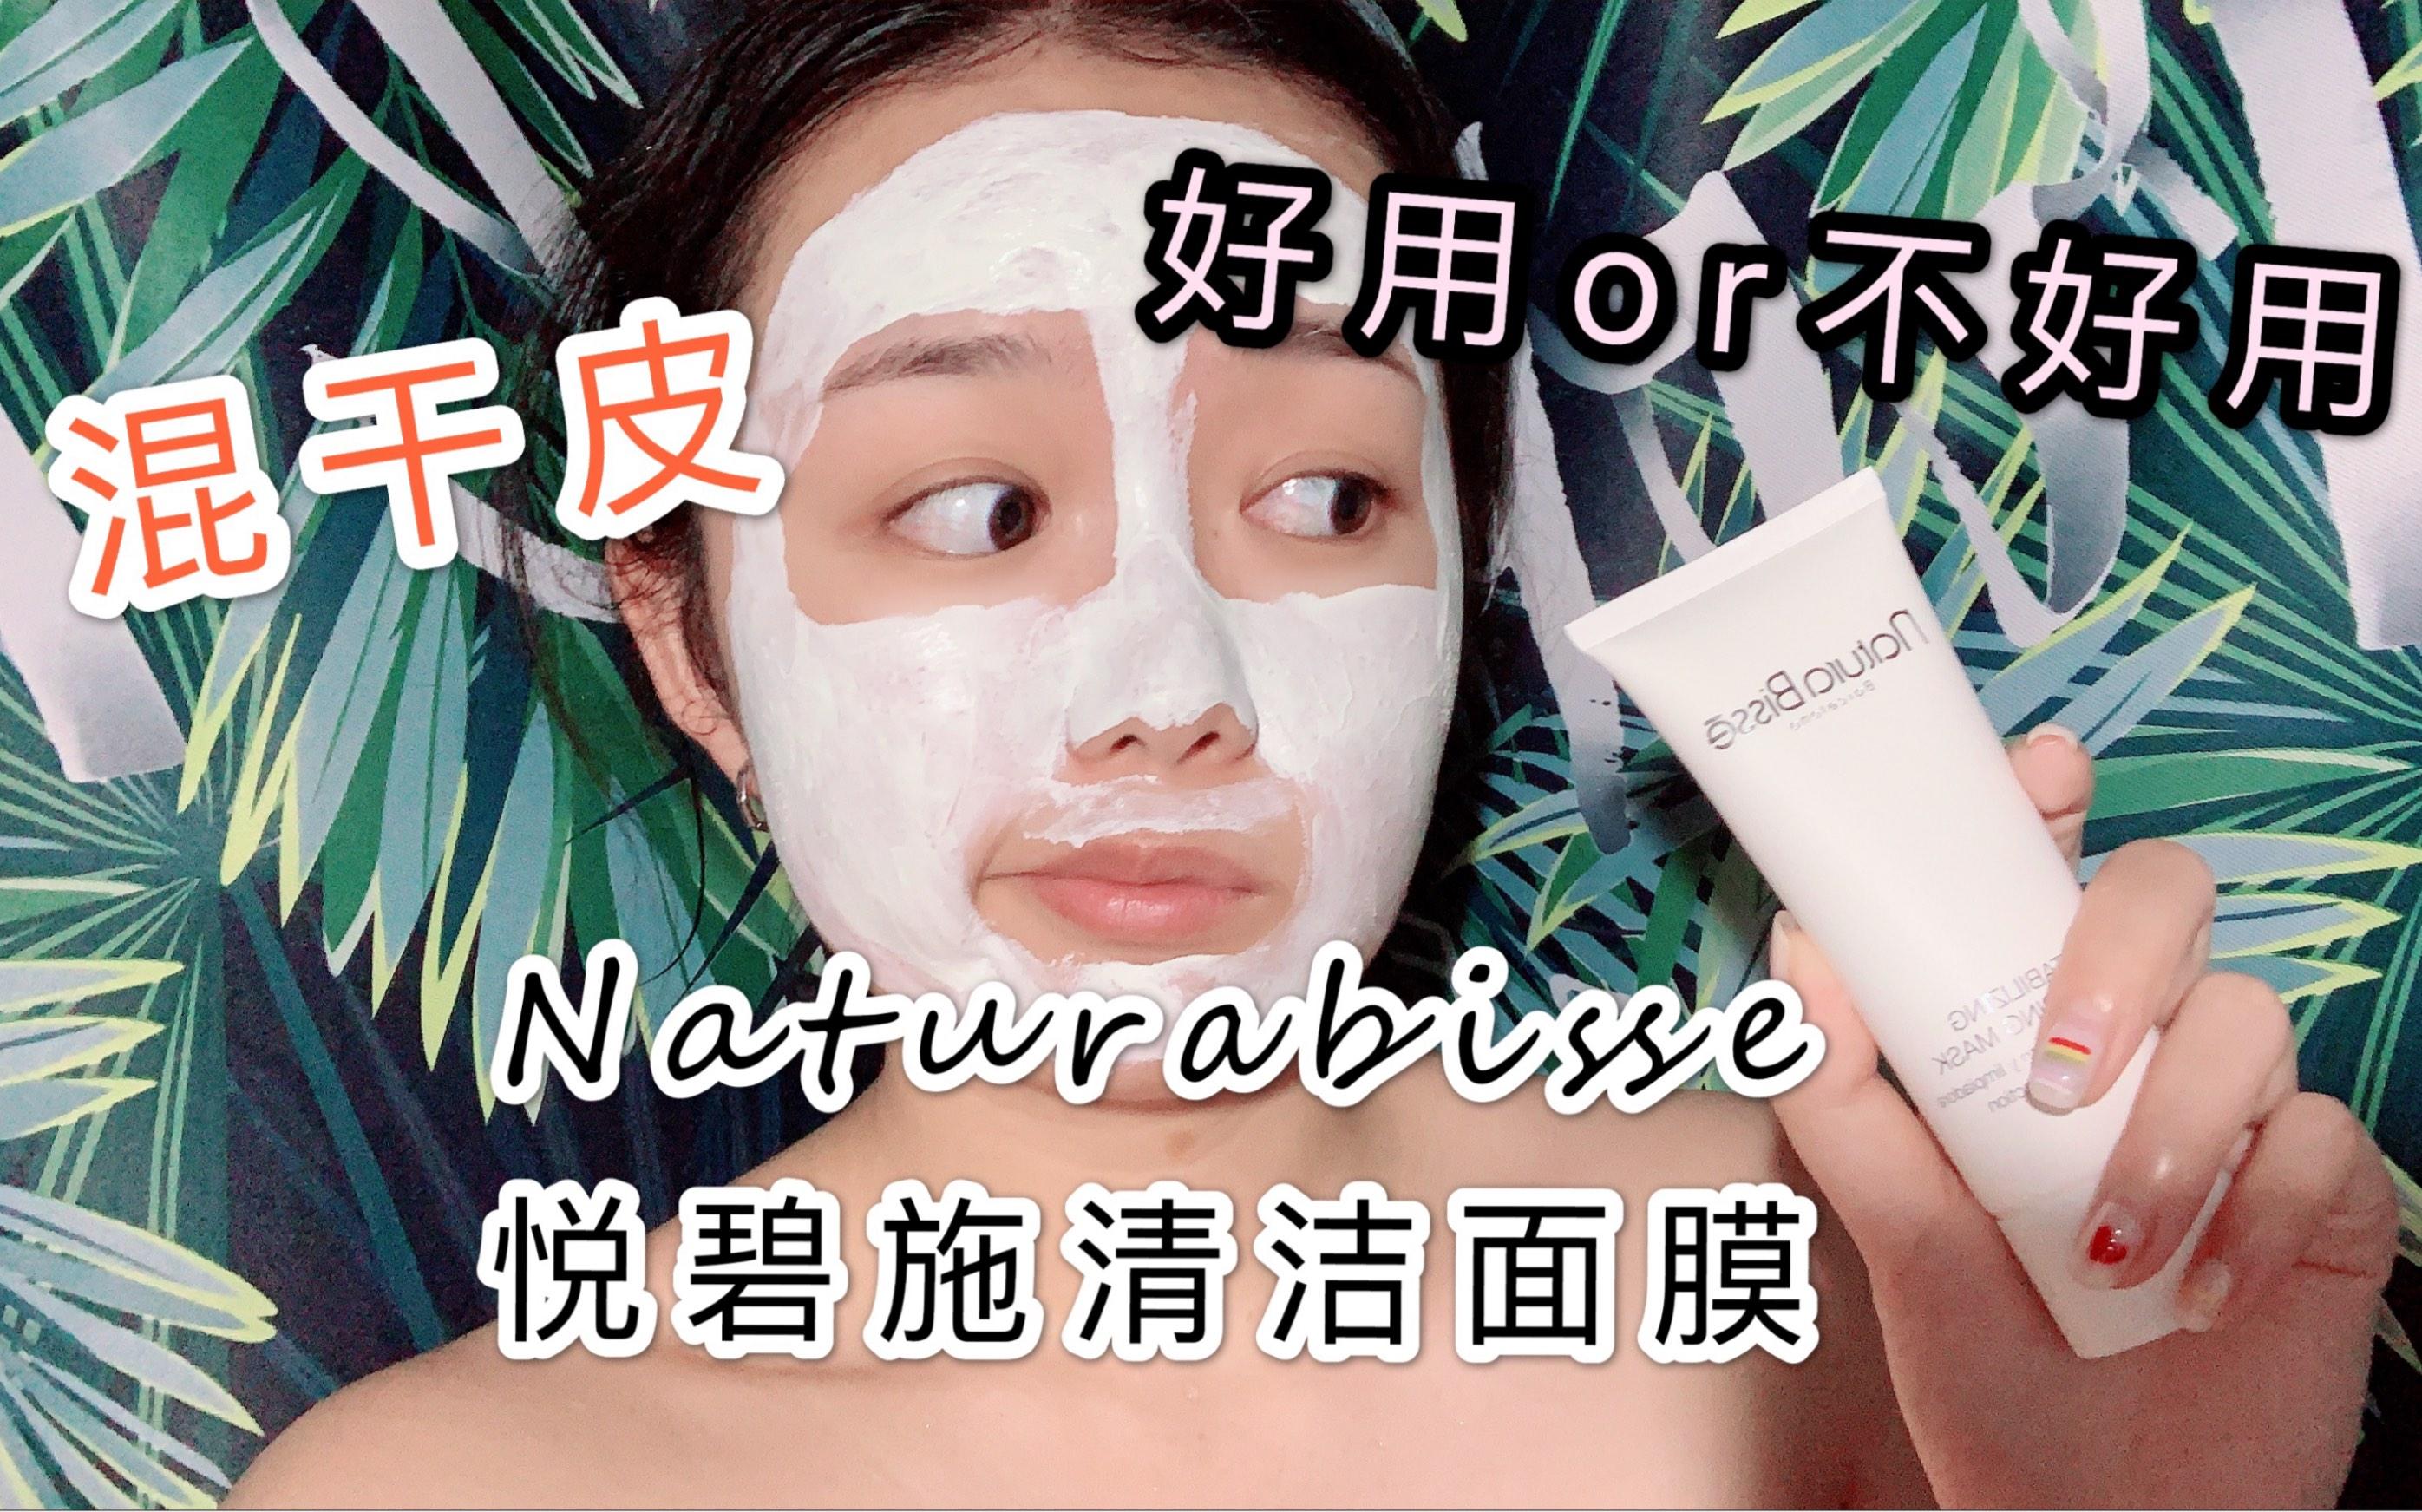 混干皮测评:Naturabisse悦碧施净透洁肤面膜抛光面膜深层清洁